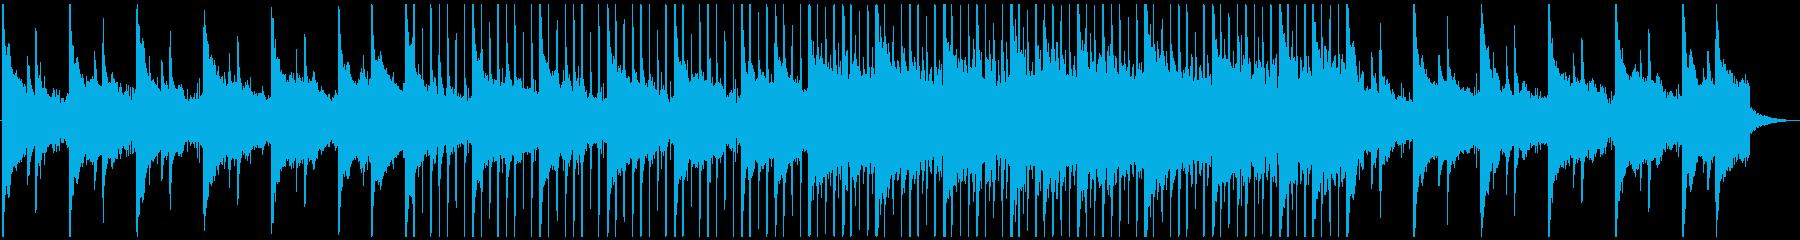 Clear IIIの再生済みの波形